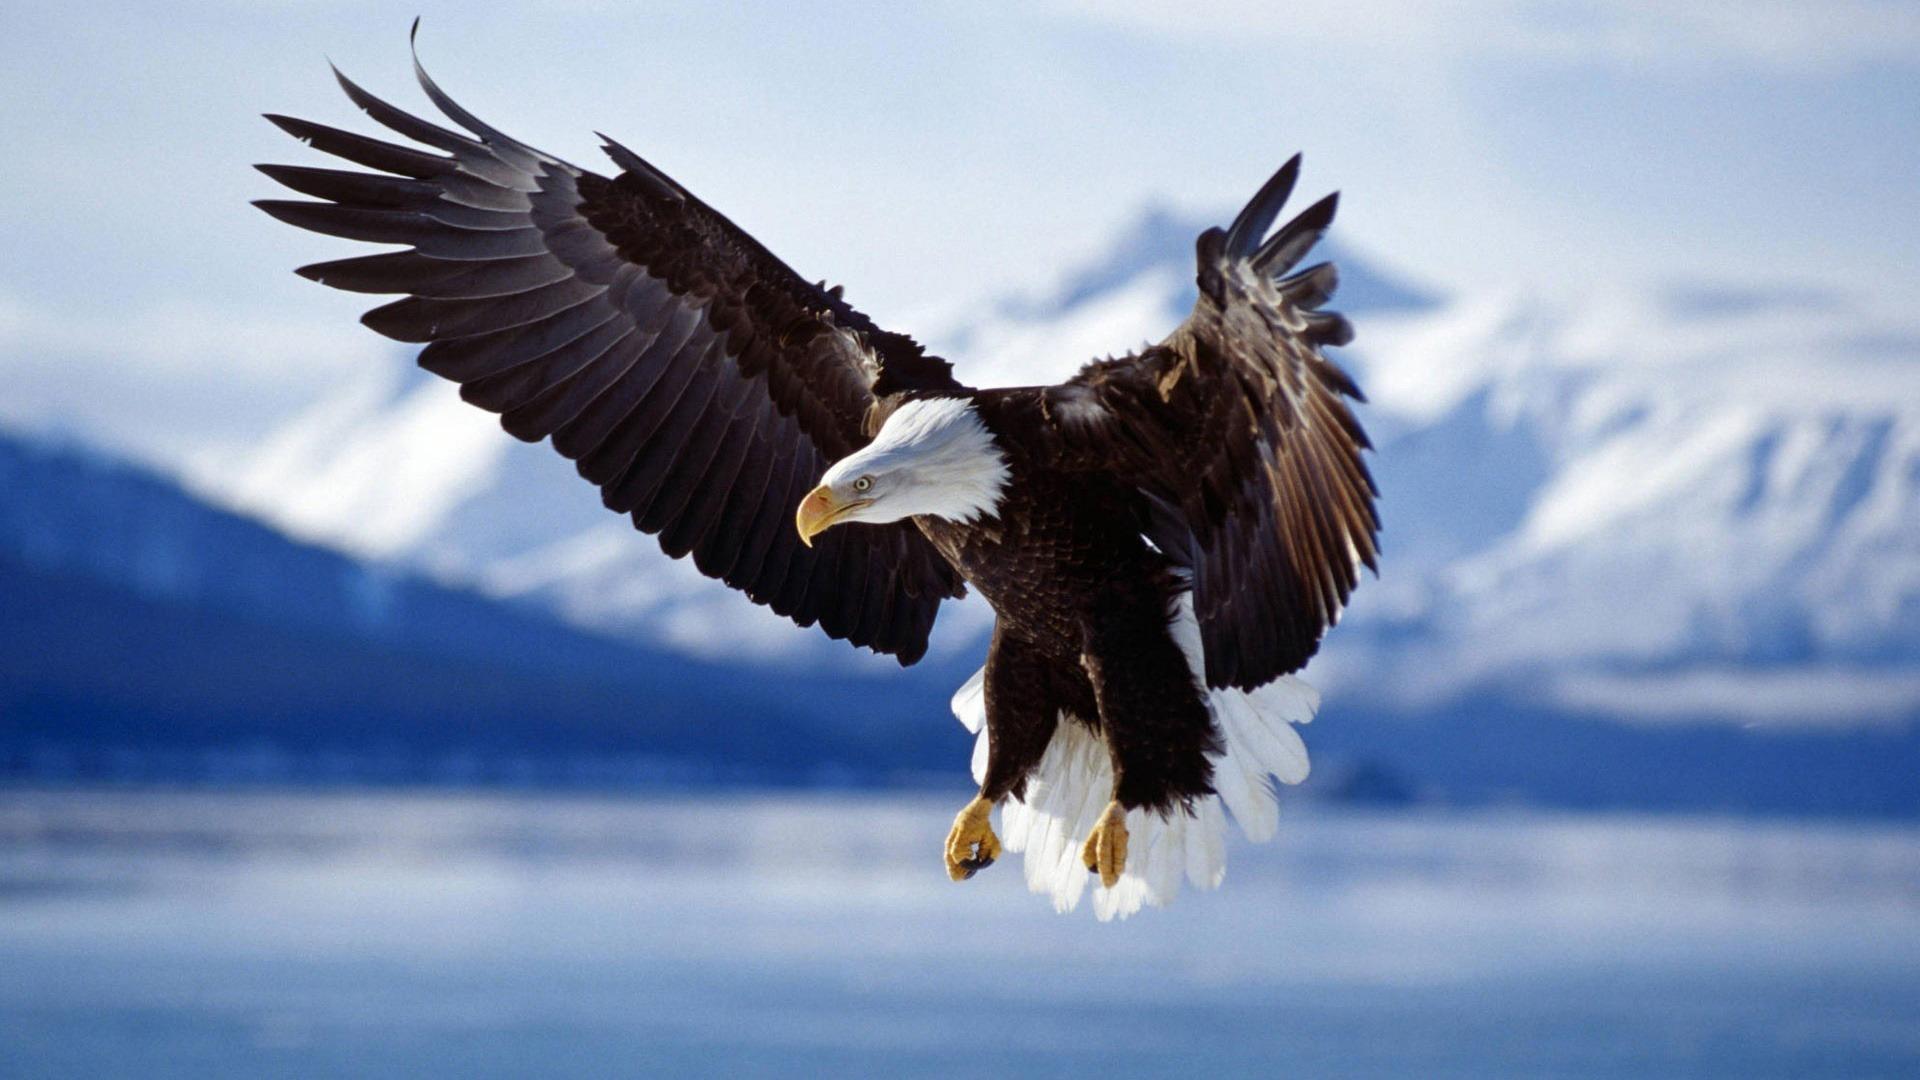 amazing-eagle-1920-1080-6723